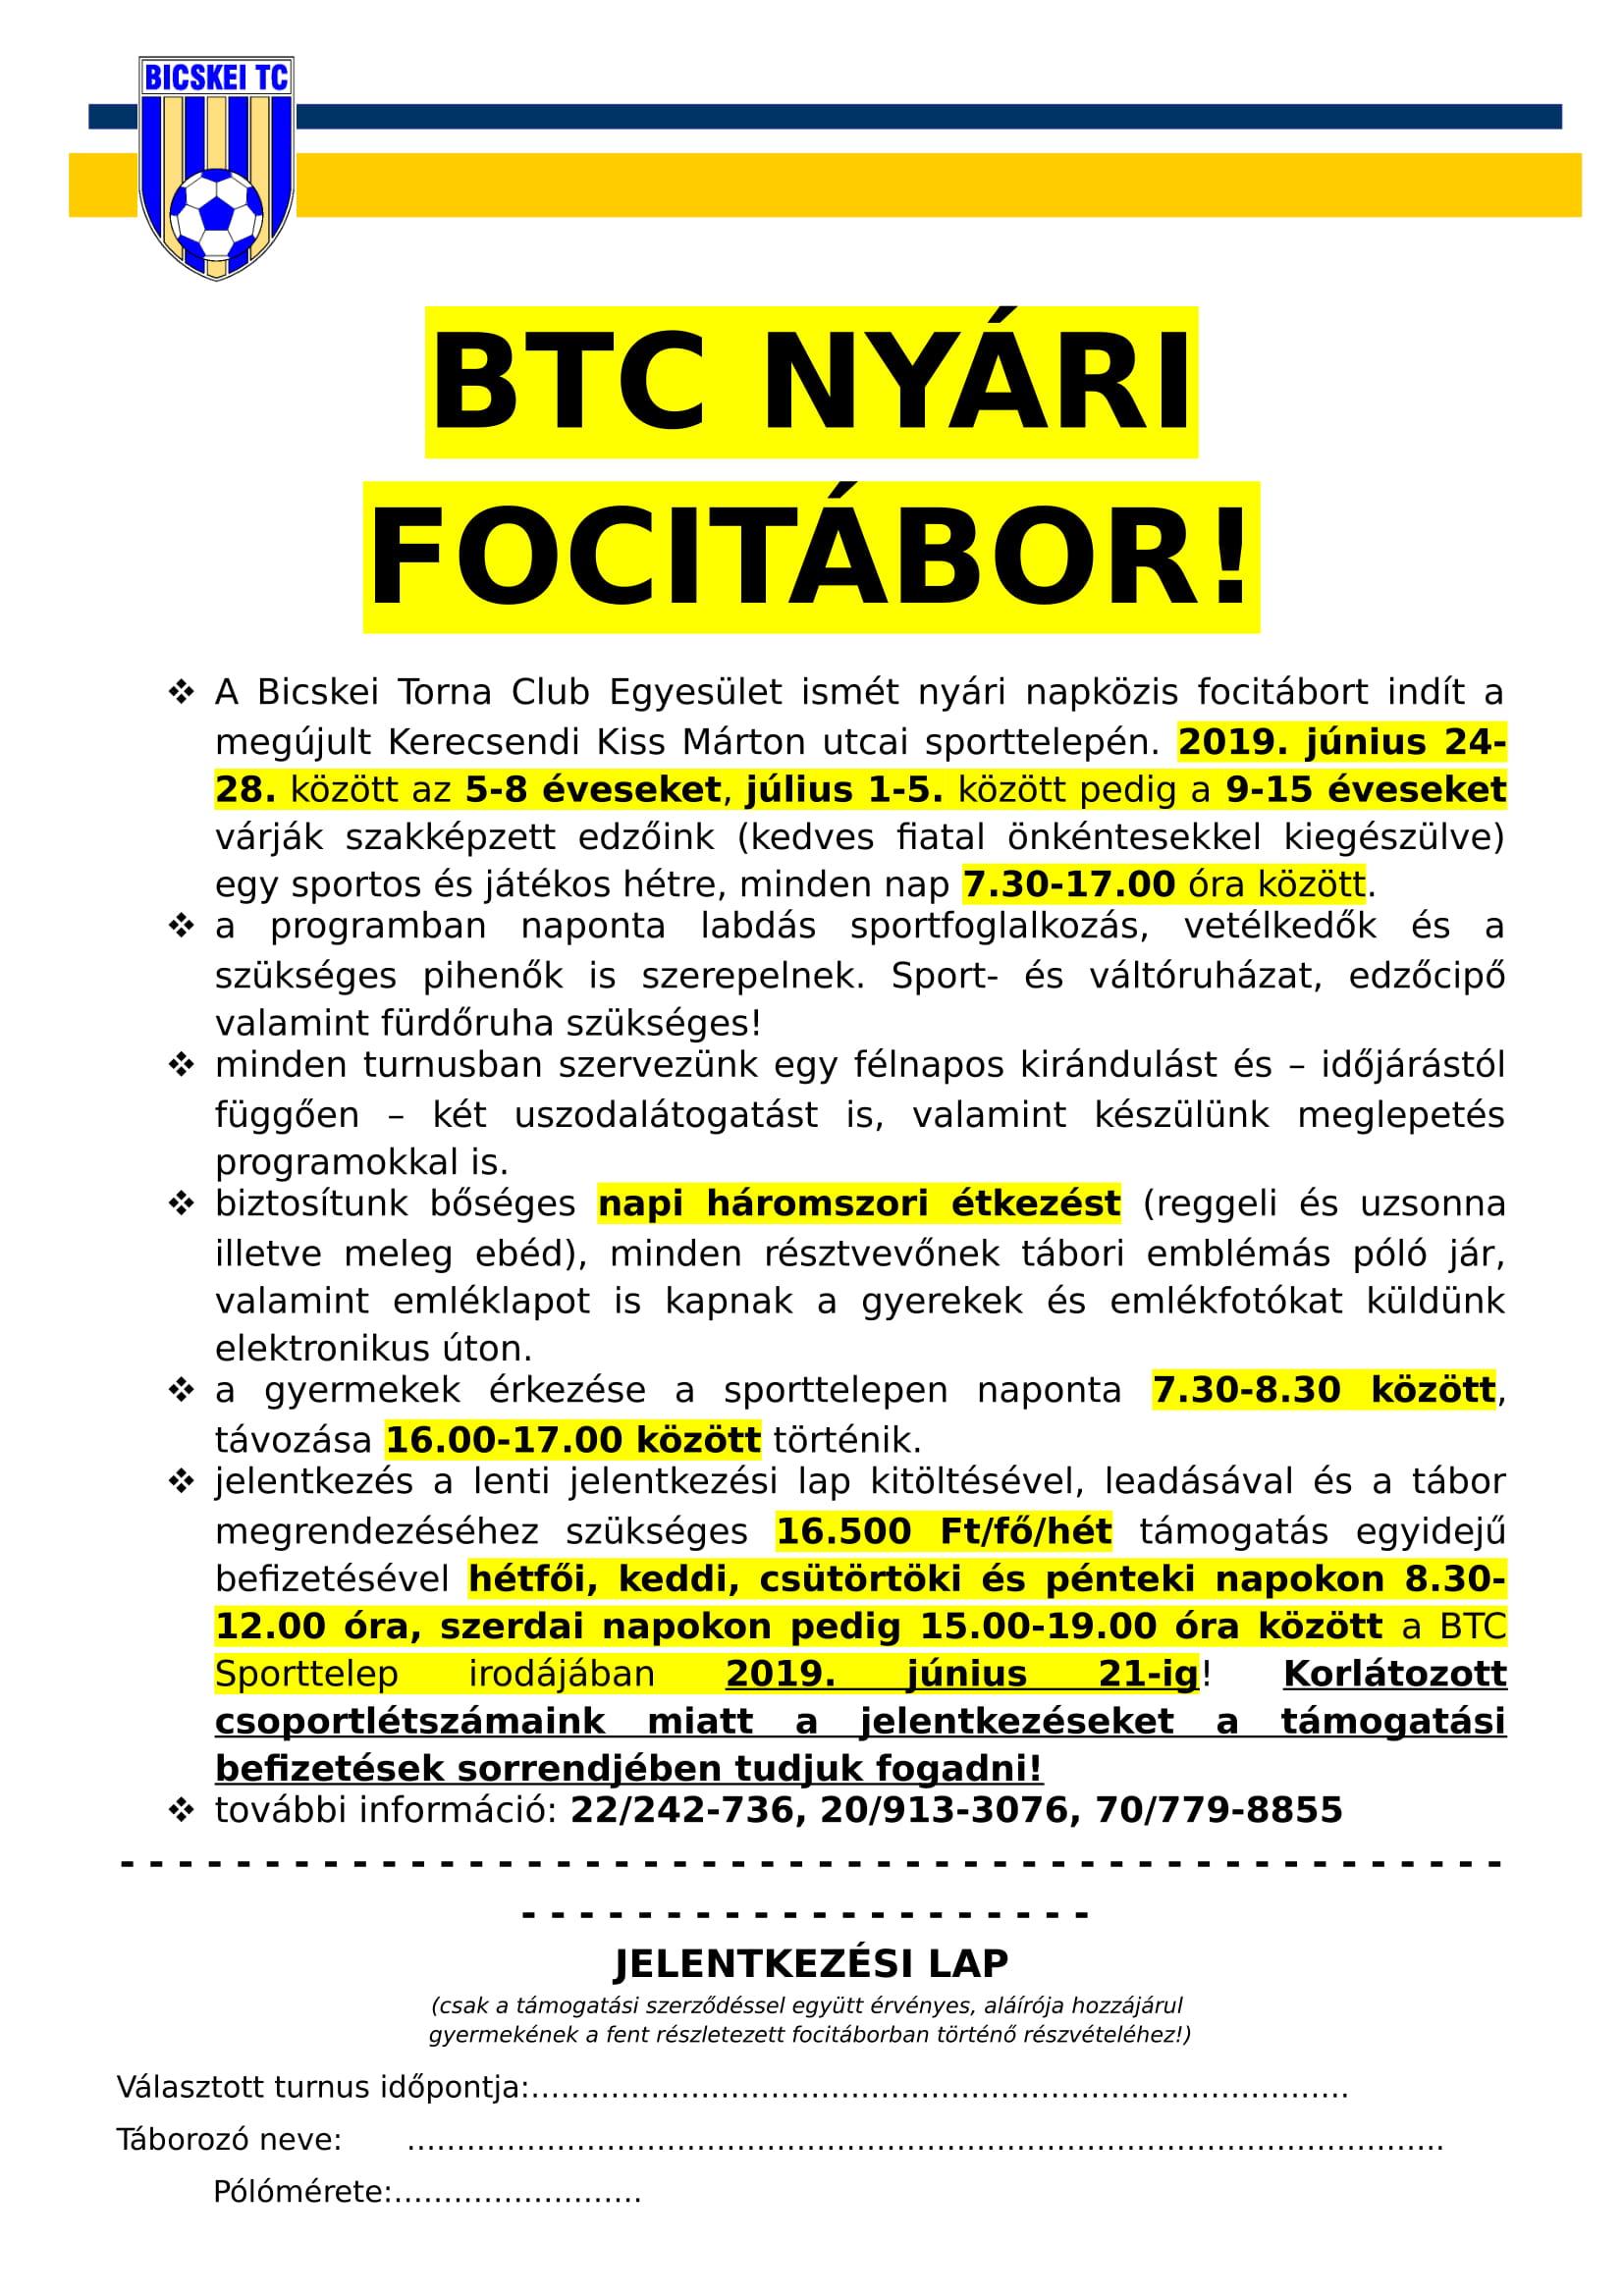 btc_tabor_felhivas_2019-1.jpg